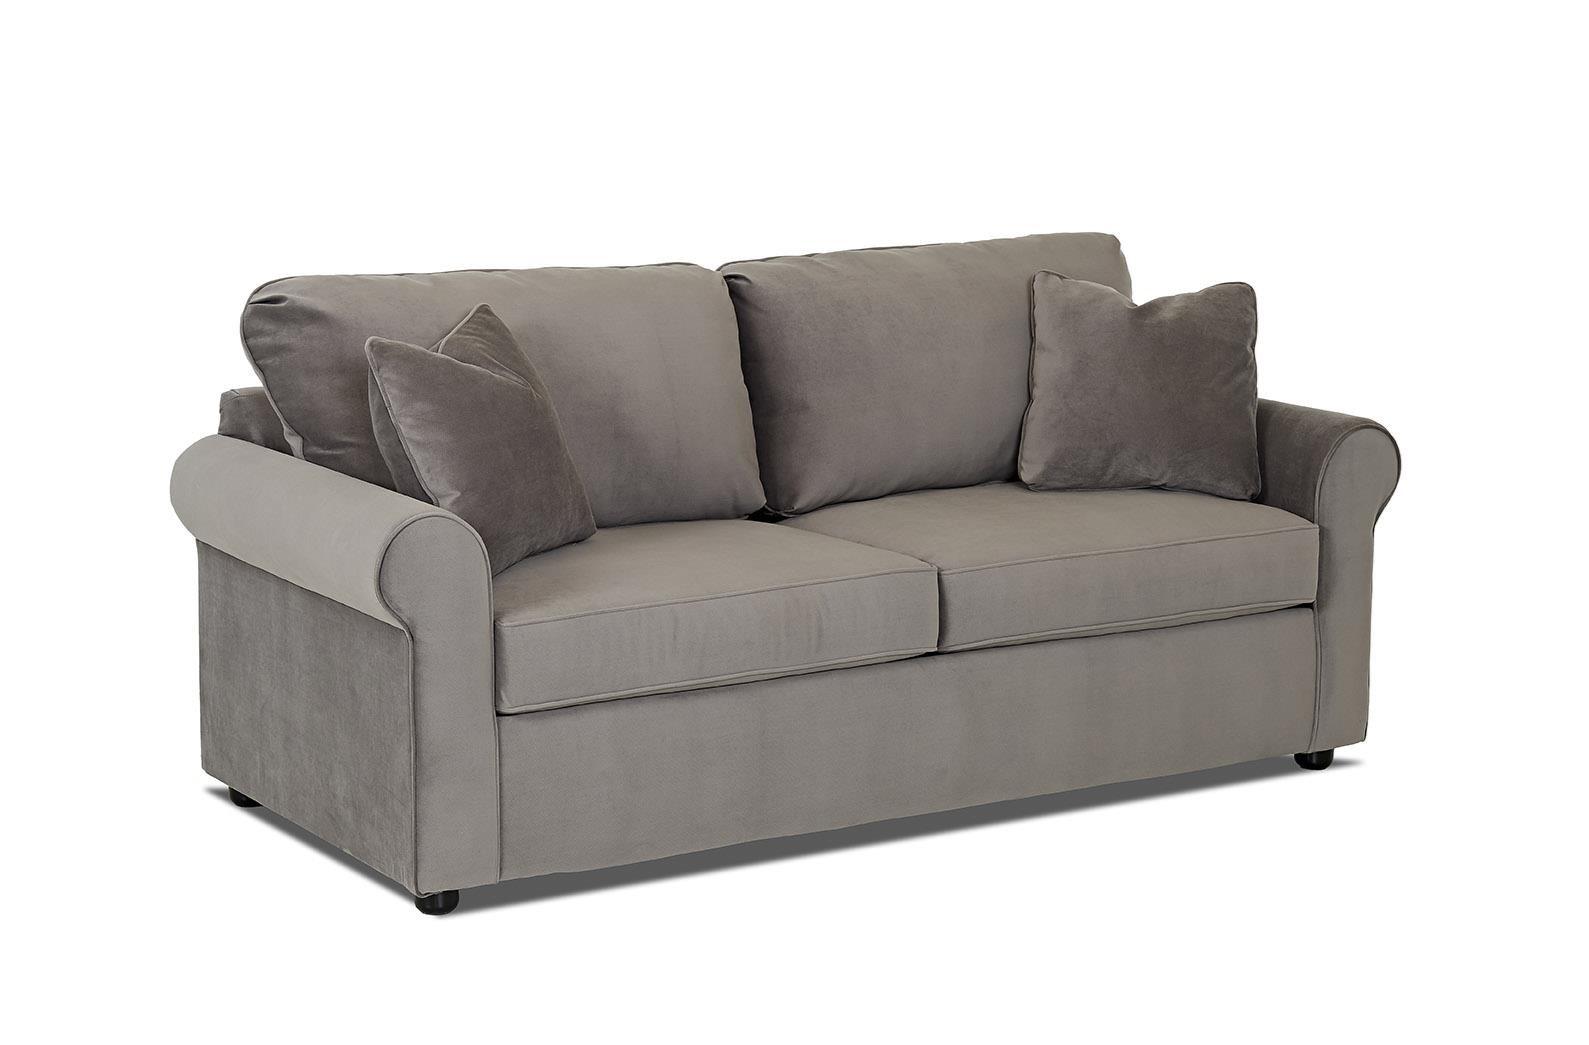 Sofa bed foam mattress pedicsolutions sofa bed memory foam for Qvc sofa bed